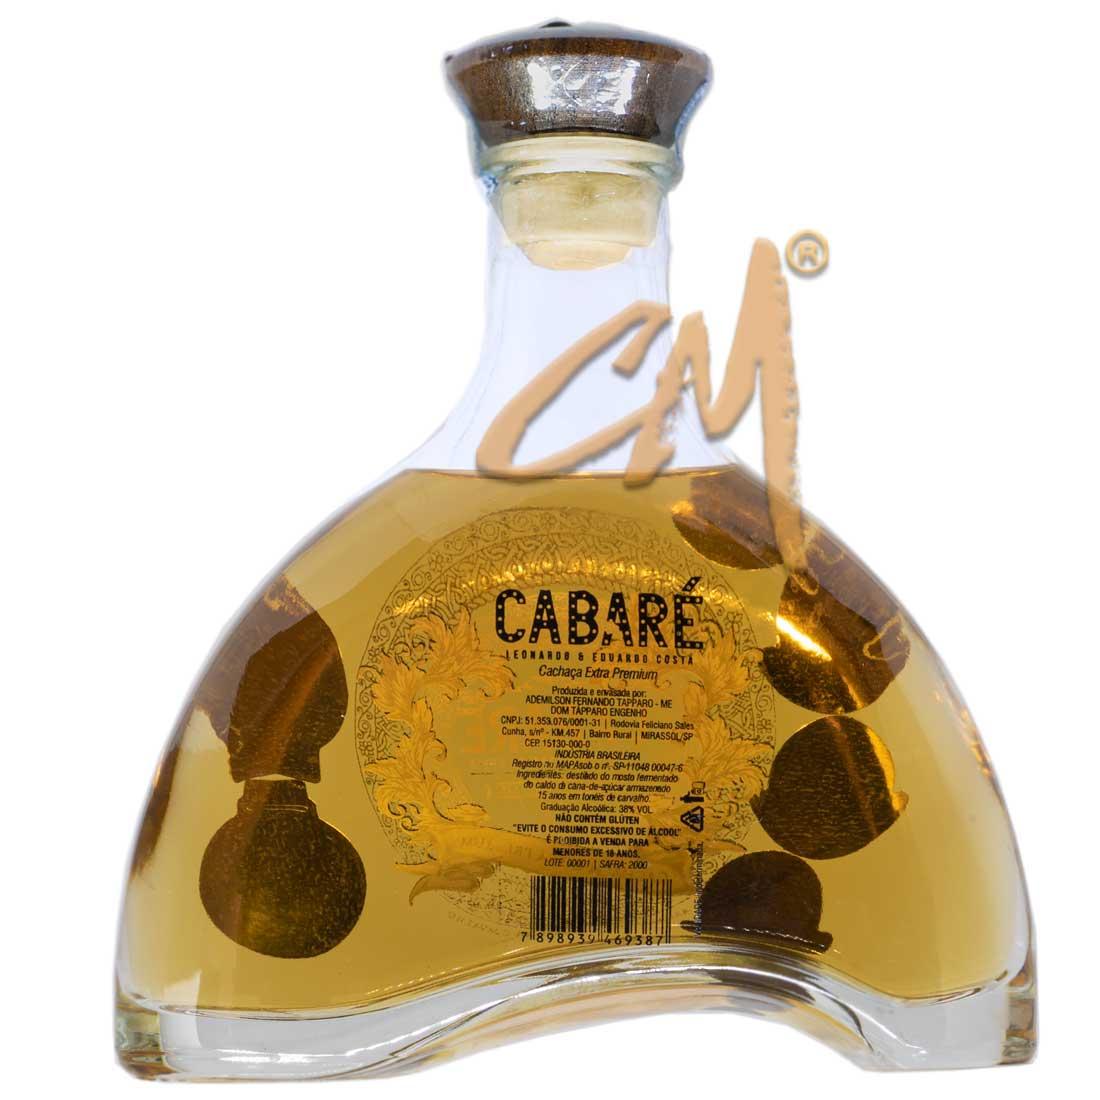 Cachaça Cabaré Extra Premium 700 ml (Mirassol/SP)